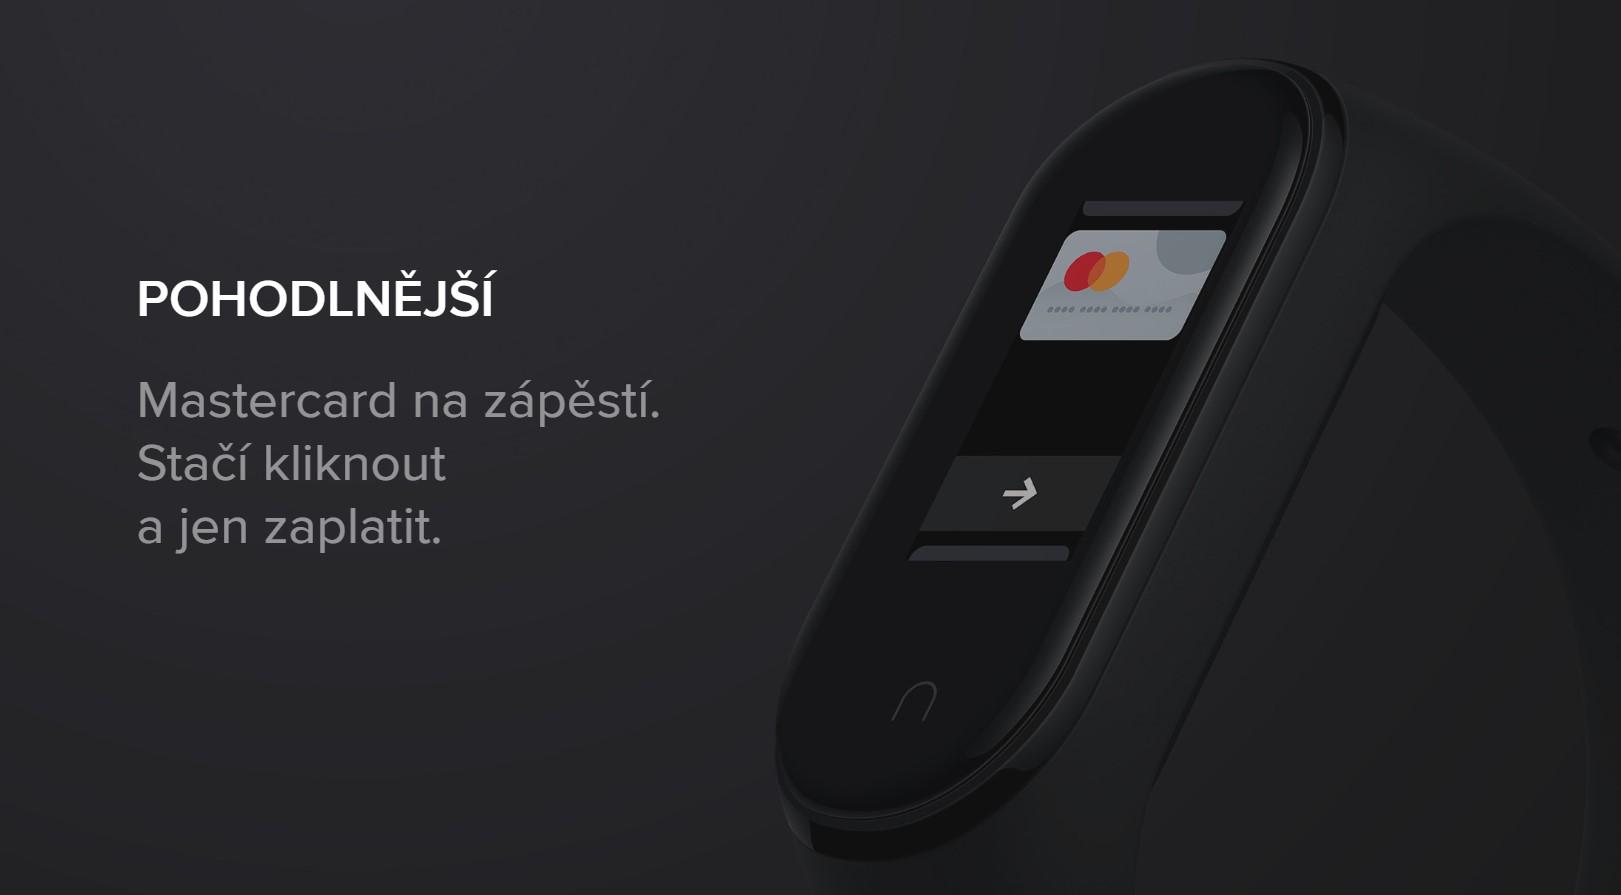 Placení s Xiaomi Mi Band 4 NFC se rozšiřuje do dalších států [aktualizováno]